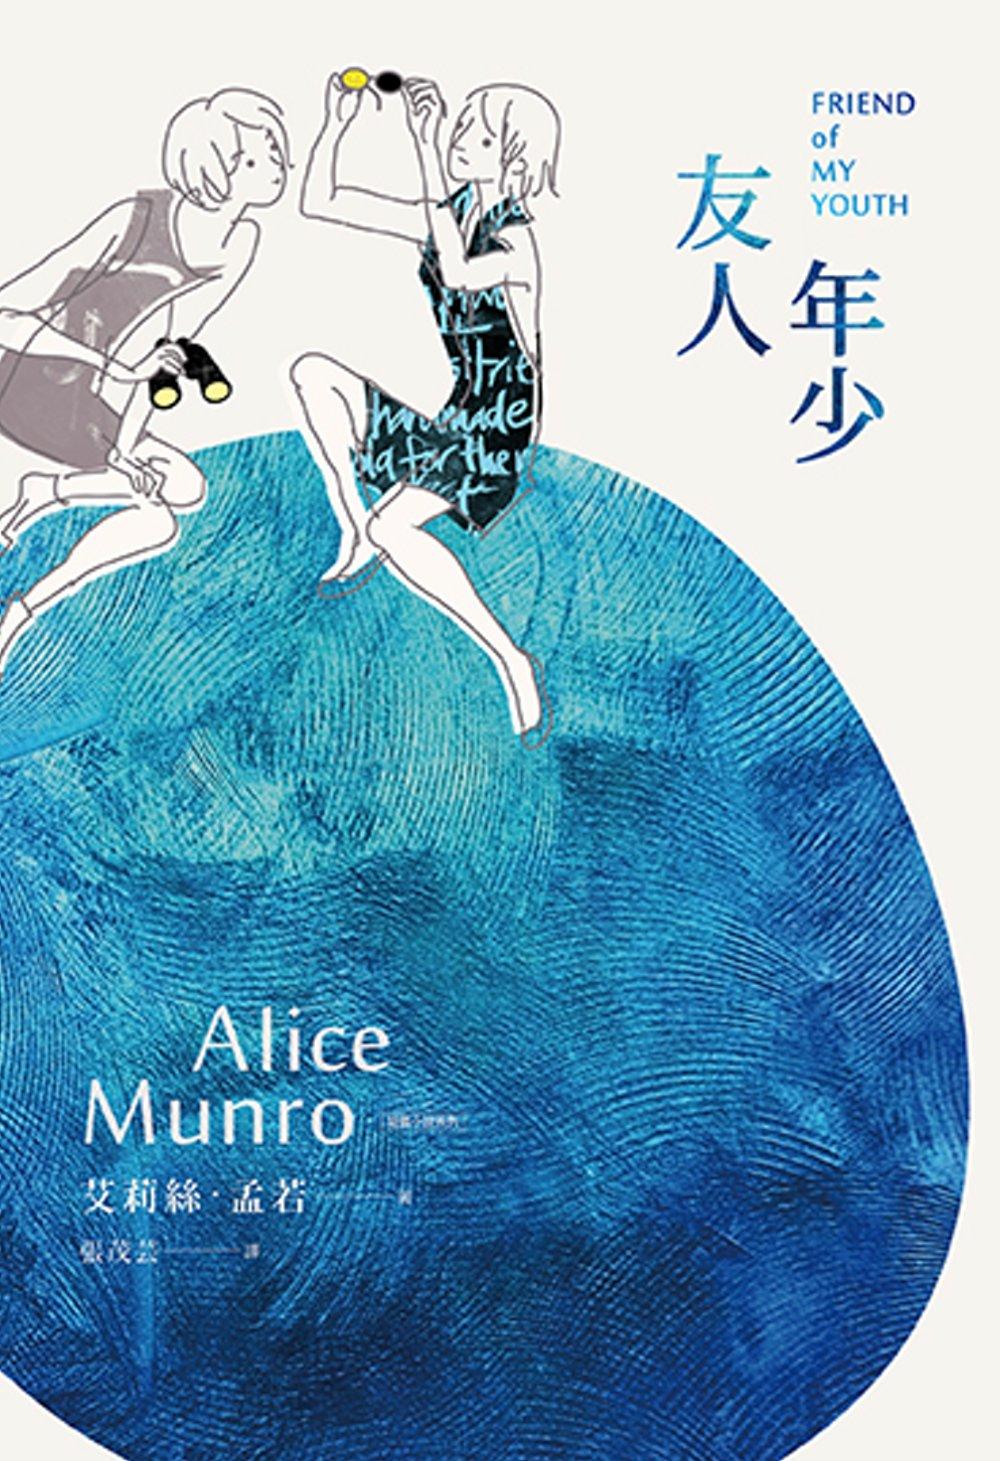 年少友人:諾貝爾獎得主艾莉絲?孟若短篇小說集9